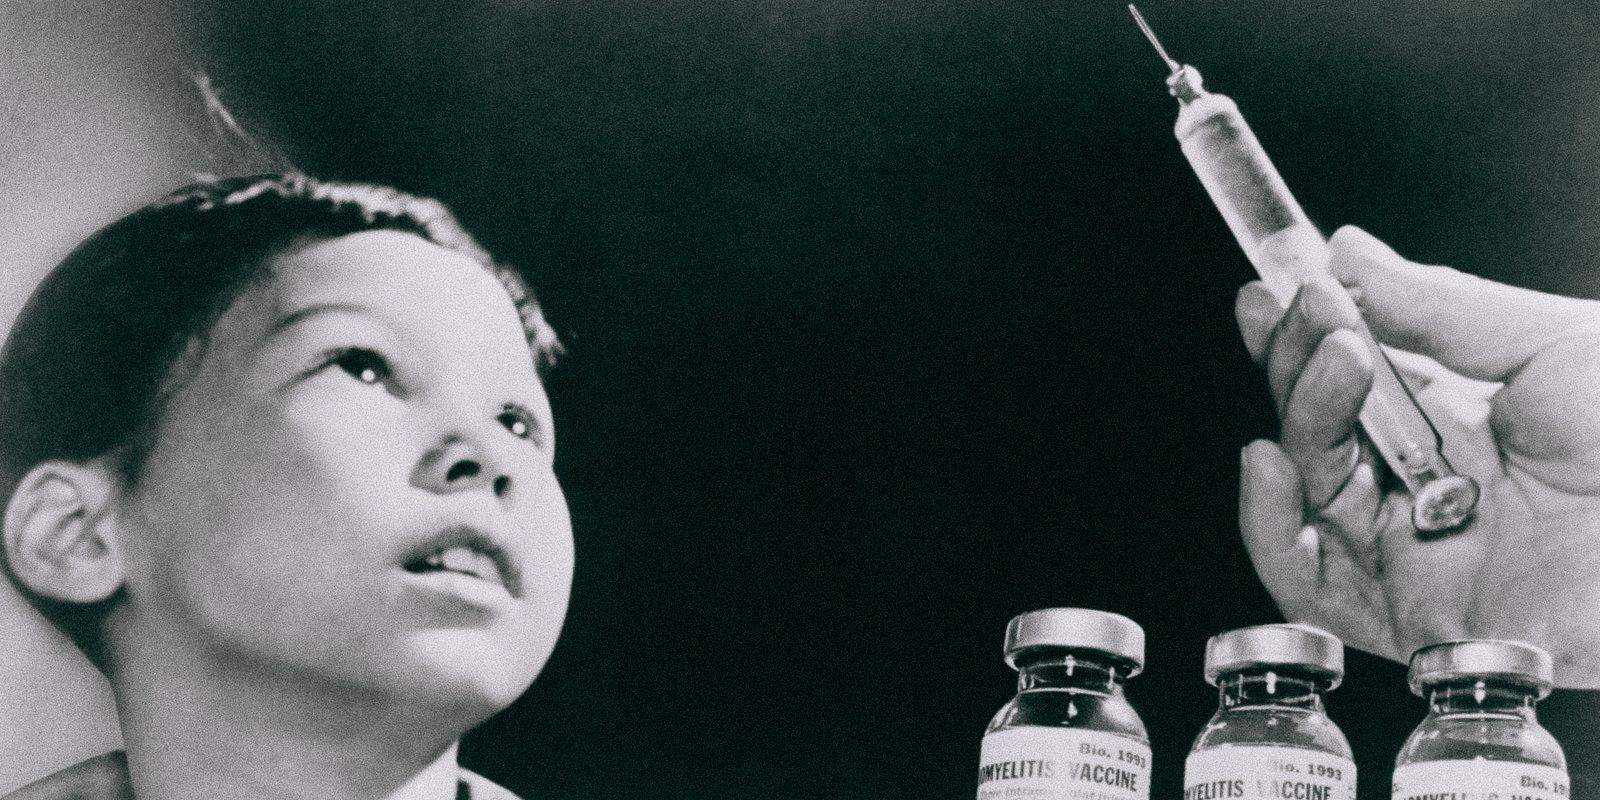 Alkatība uz bērnu dzīvību rēķina – lielā vakcīnu zādzība 1959. gadā Kanādā